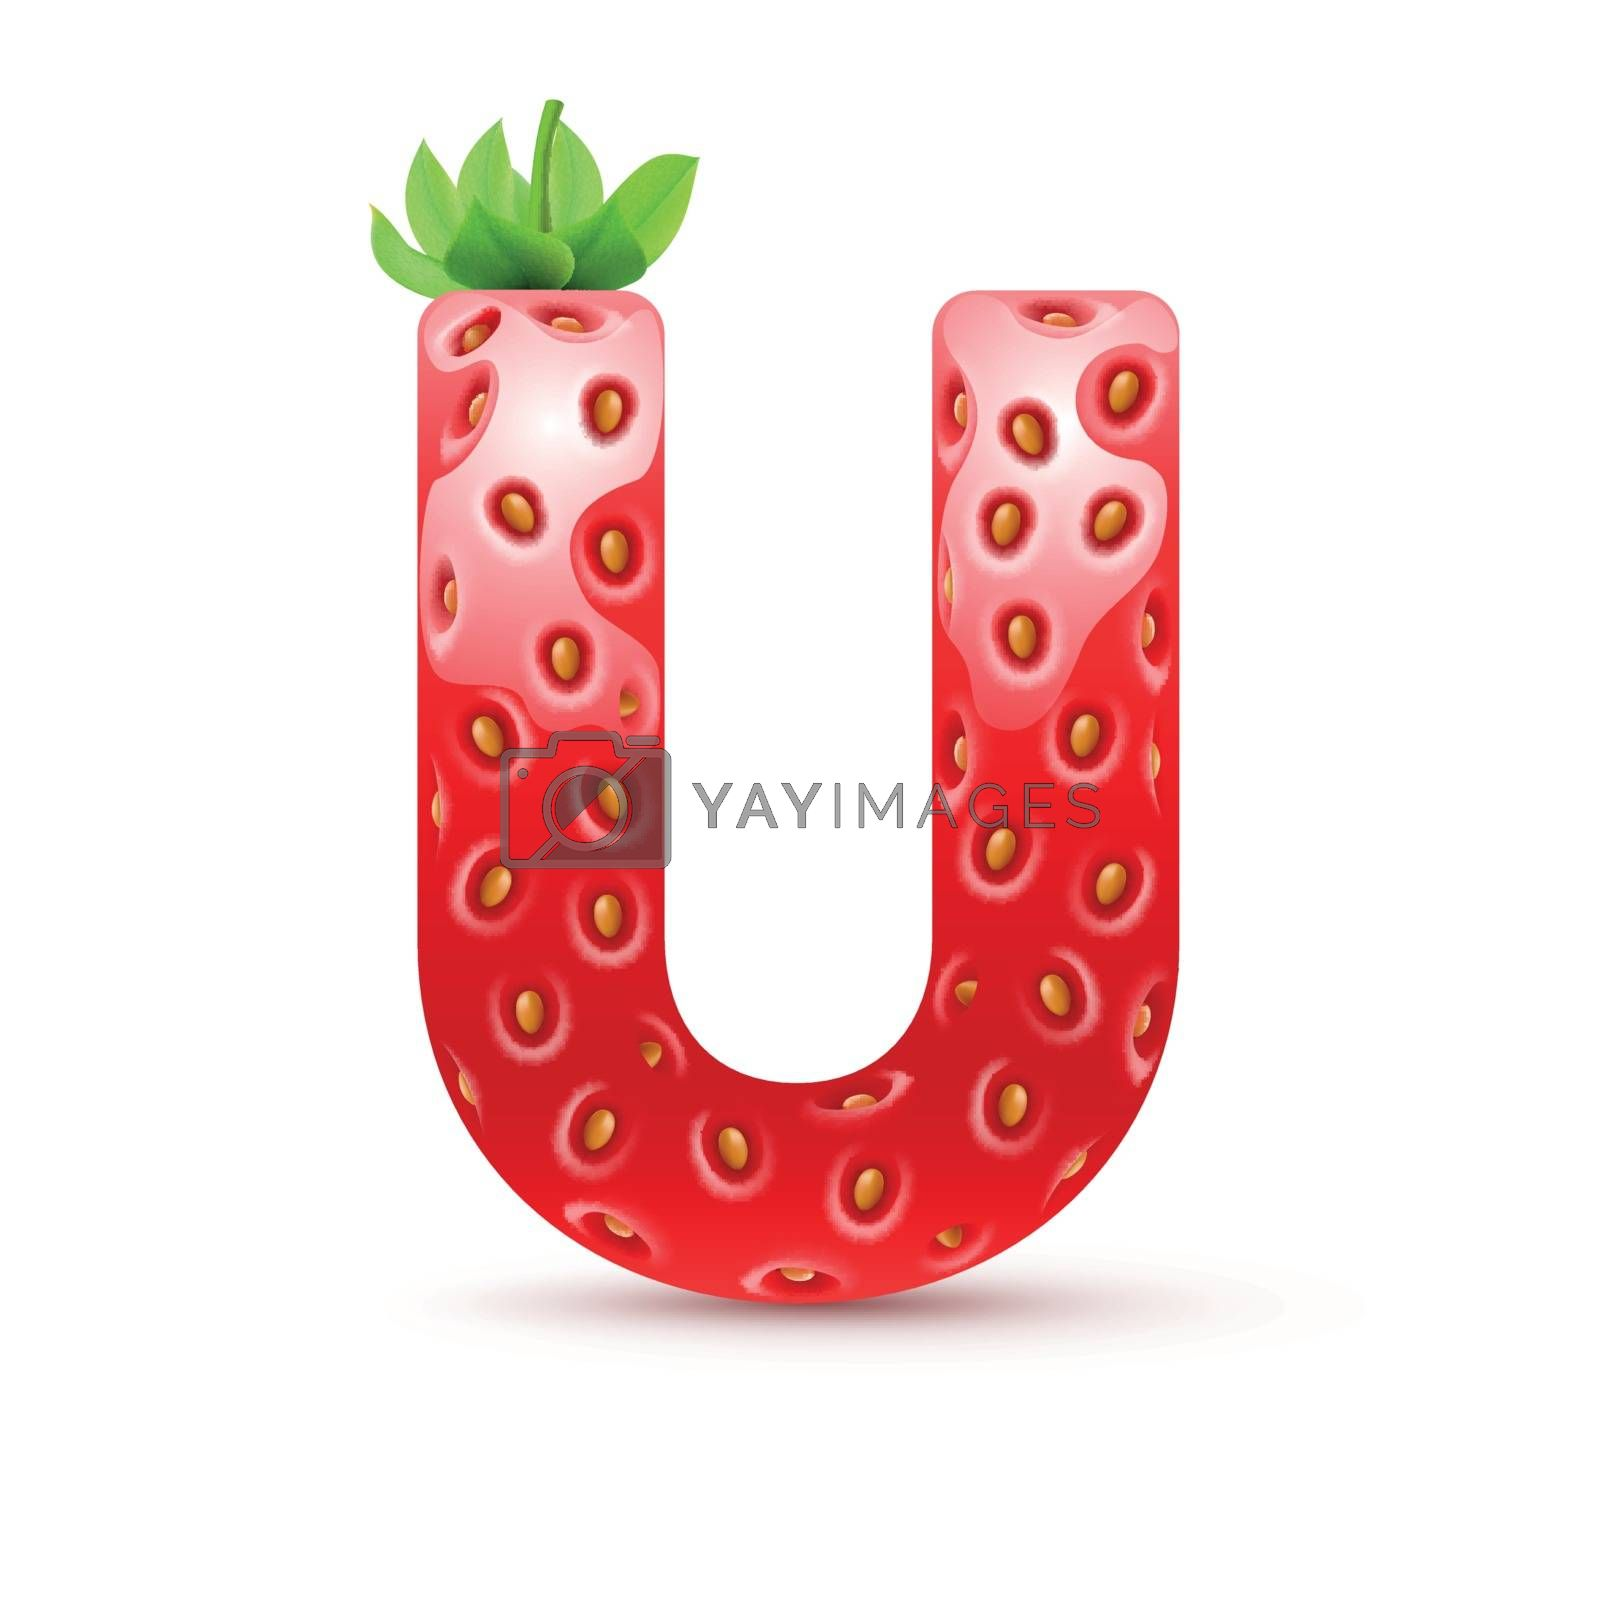 Tasty alphabet by dvarg